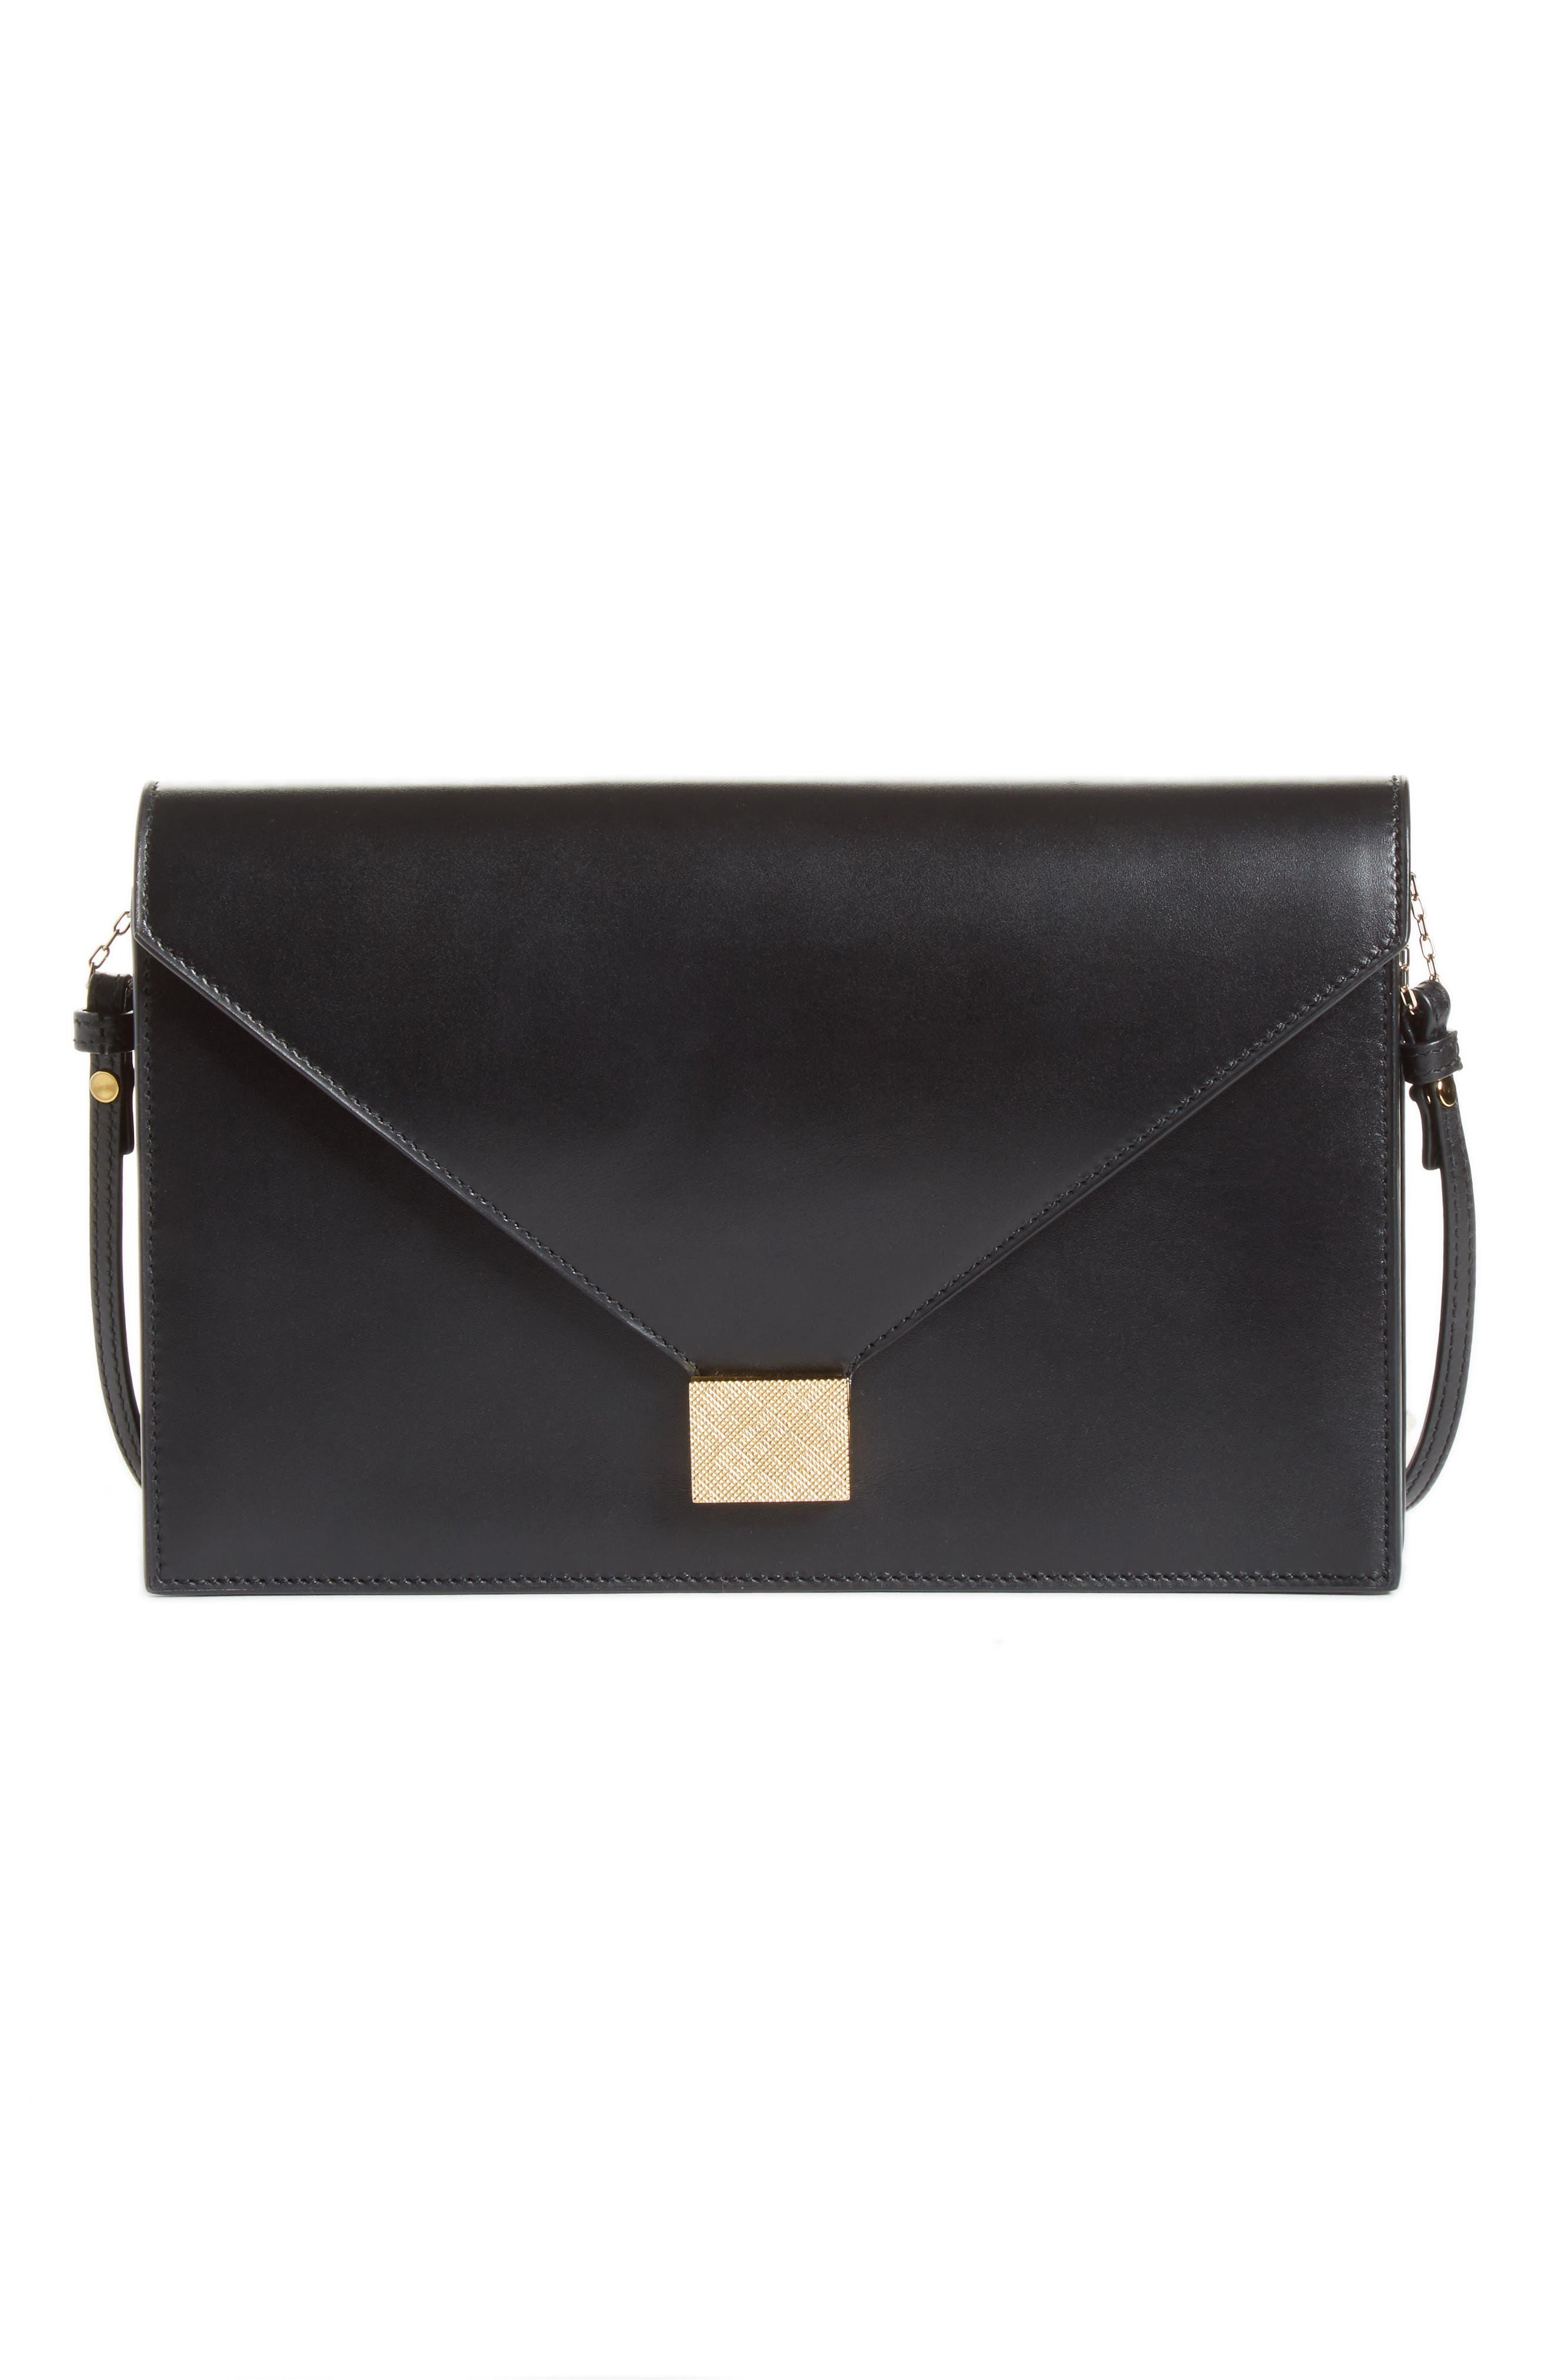 Leather Envelope Clutch,                             Main thumbnail 1, color,                             BLACK